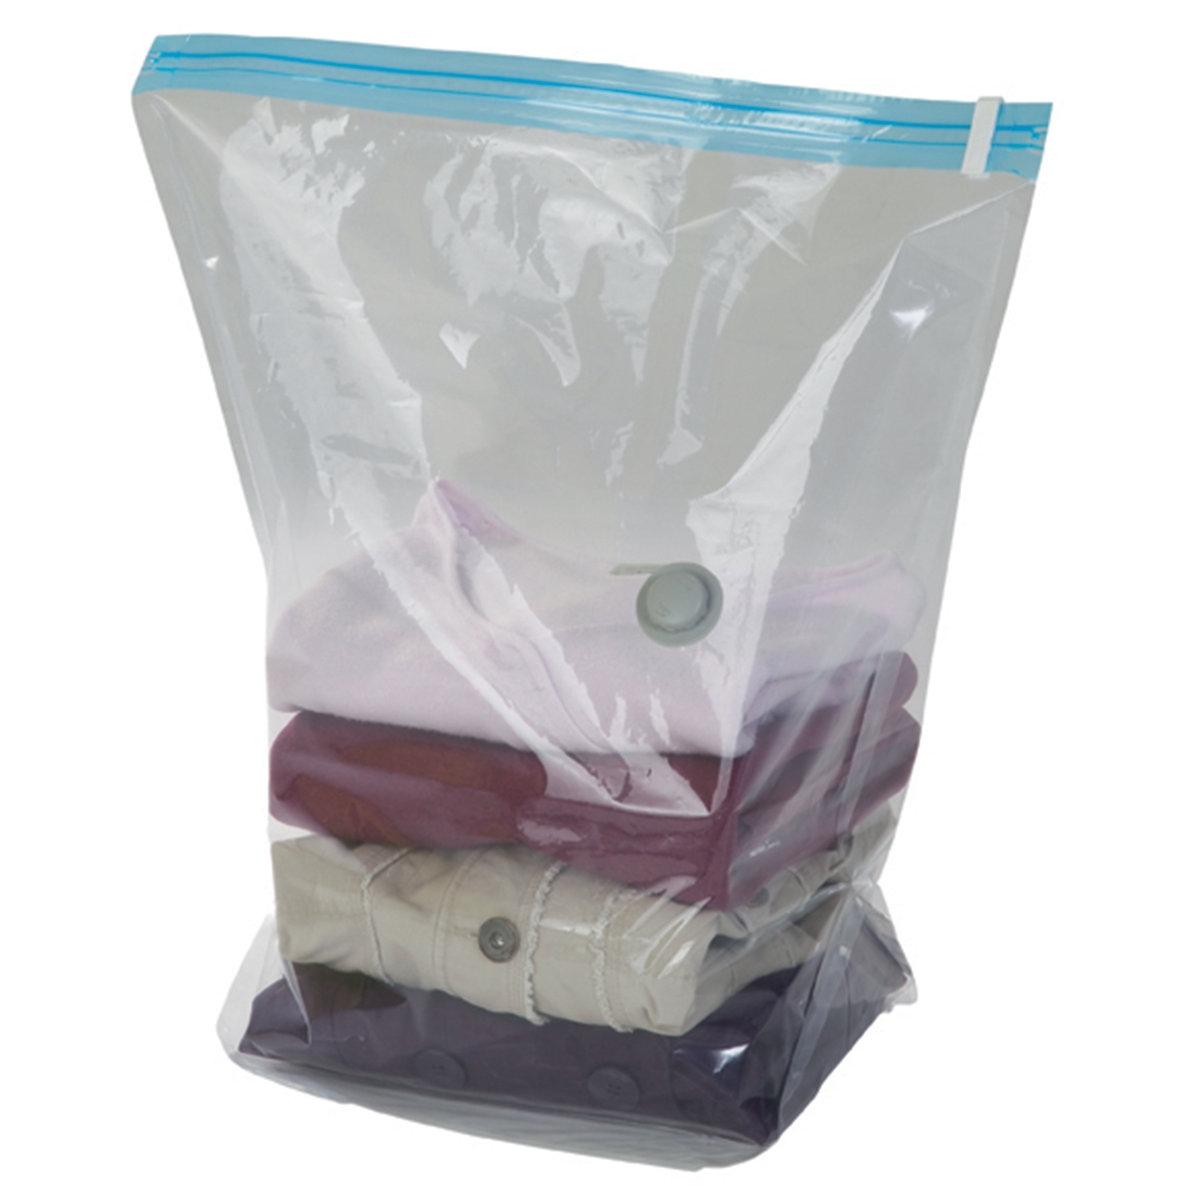 2 чехла вакуумныхКомплект из 2 защитных вакуумных чехлов. Совместимы с любой моделью пылесоса, воздух из чехла откачивается за 30 секунд. Этот вакуумный чехол позволяет на 3/4 сократить пространство для хранения предметов Вашего гардероба: пуловеров, курток...Характеристики защитных вакуумных чехлов:выполнены из прозрачного полиэтилена и акрилового волокна.Имеются крючки для удобного хранения в шкафу и цветной вкладыш для быстрой идентификации.Антивозвратный клапан.Вакуумные чехлы совместимы с любой моделью пылесоса.Размер 1 защитного вакуумного чехла:Разм. Д. 50 x Г. 27 x В. 60 см.<br><br>Цвет: бесцветный<br>Размер: единый размер